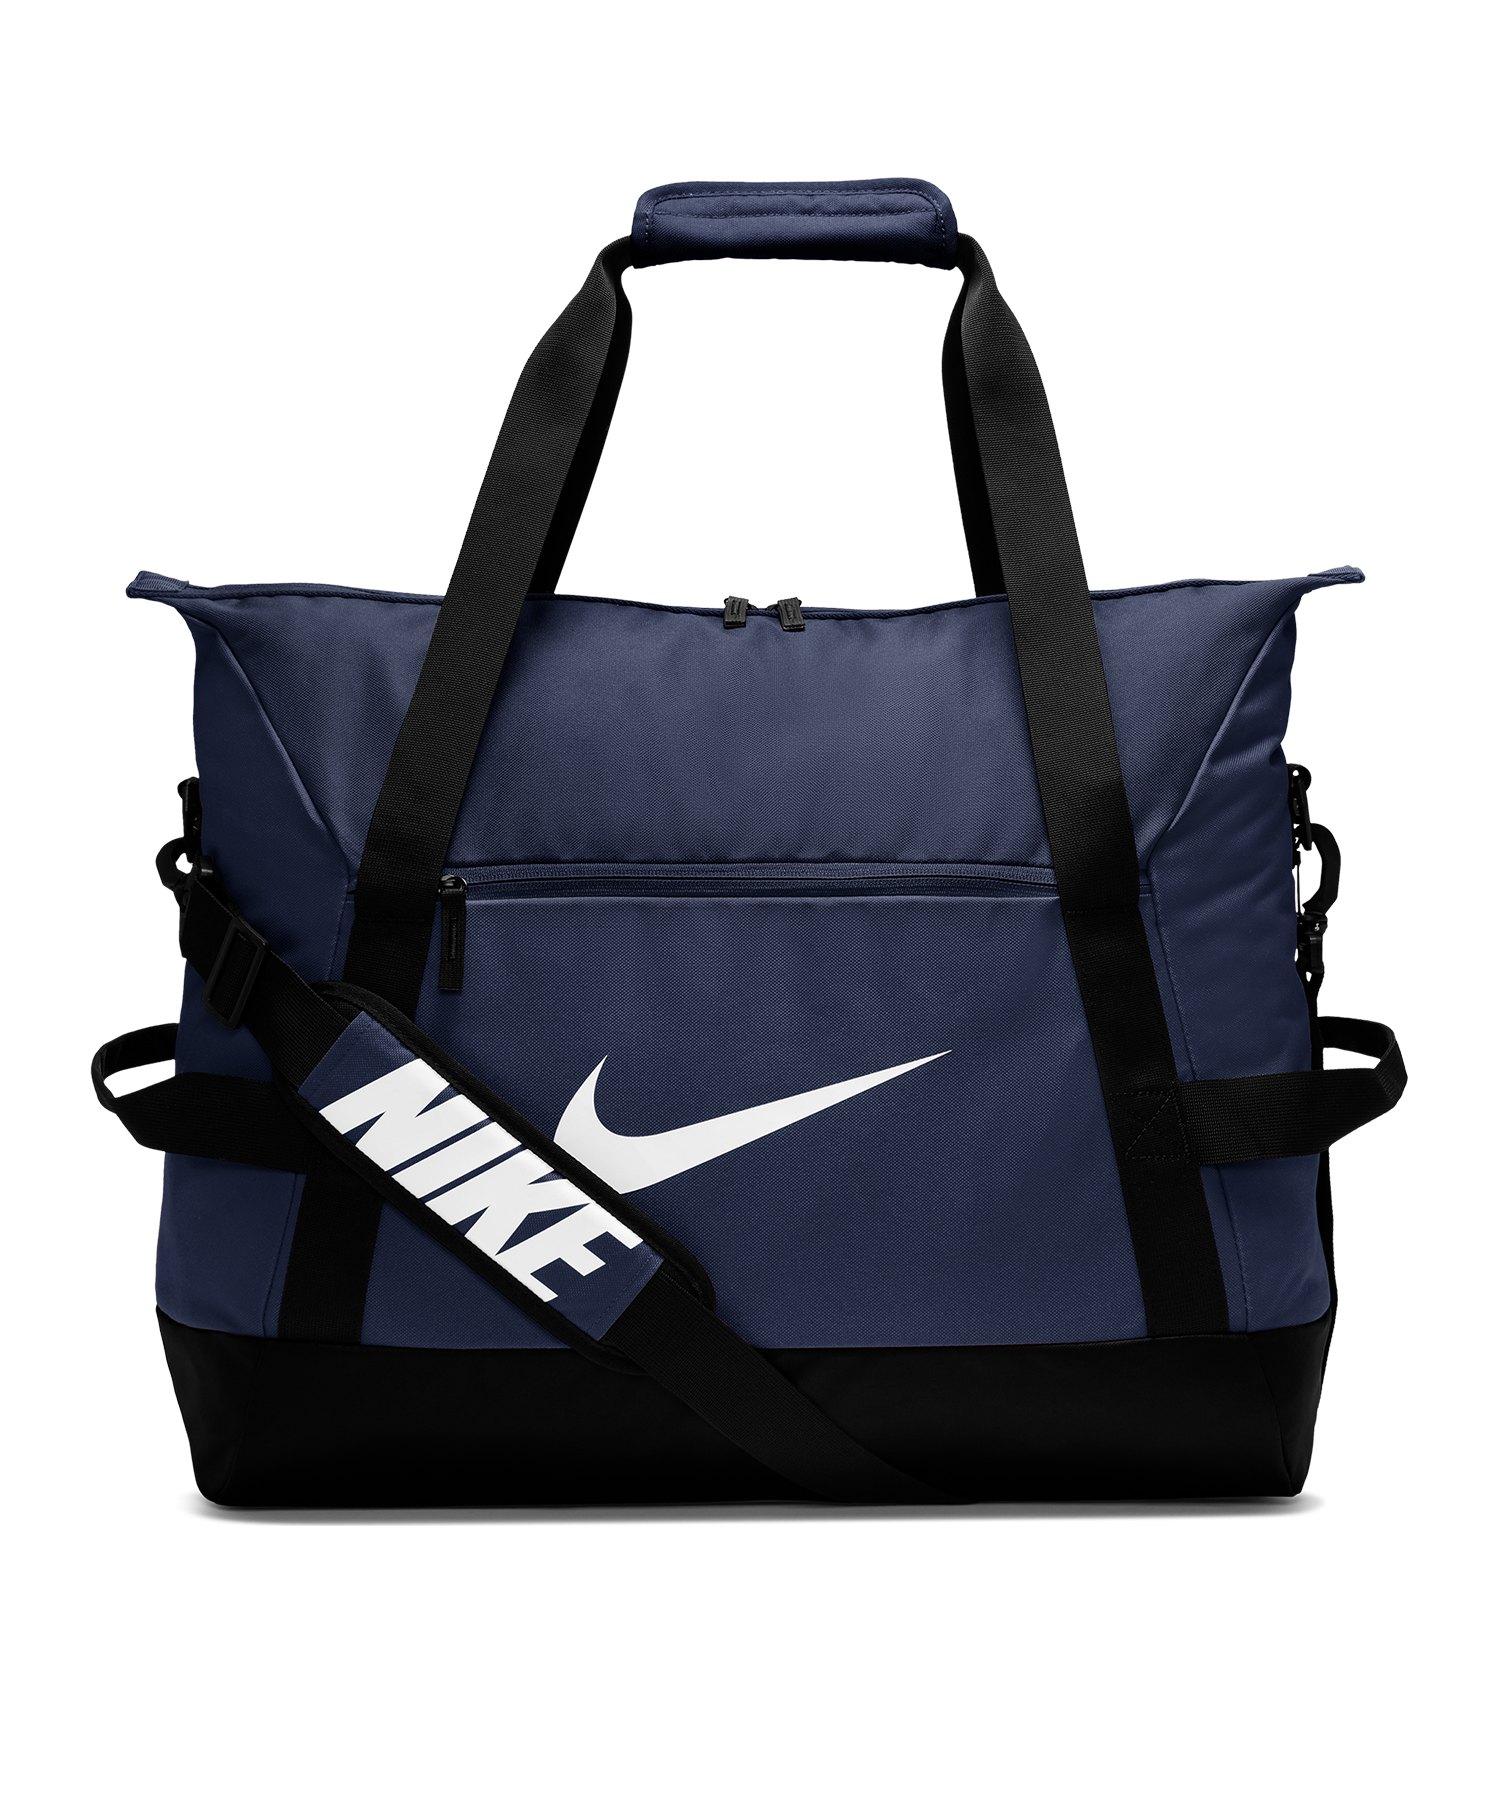 Nike Academy Duffle Tasche Large Blau F410 - blau